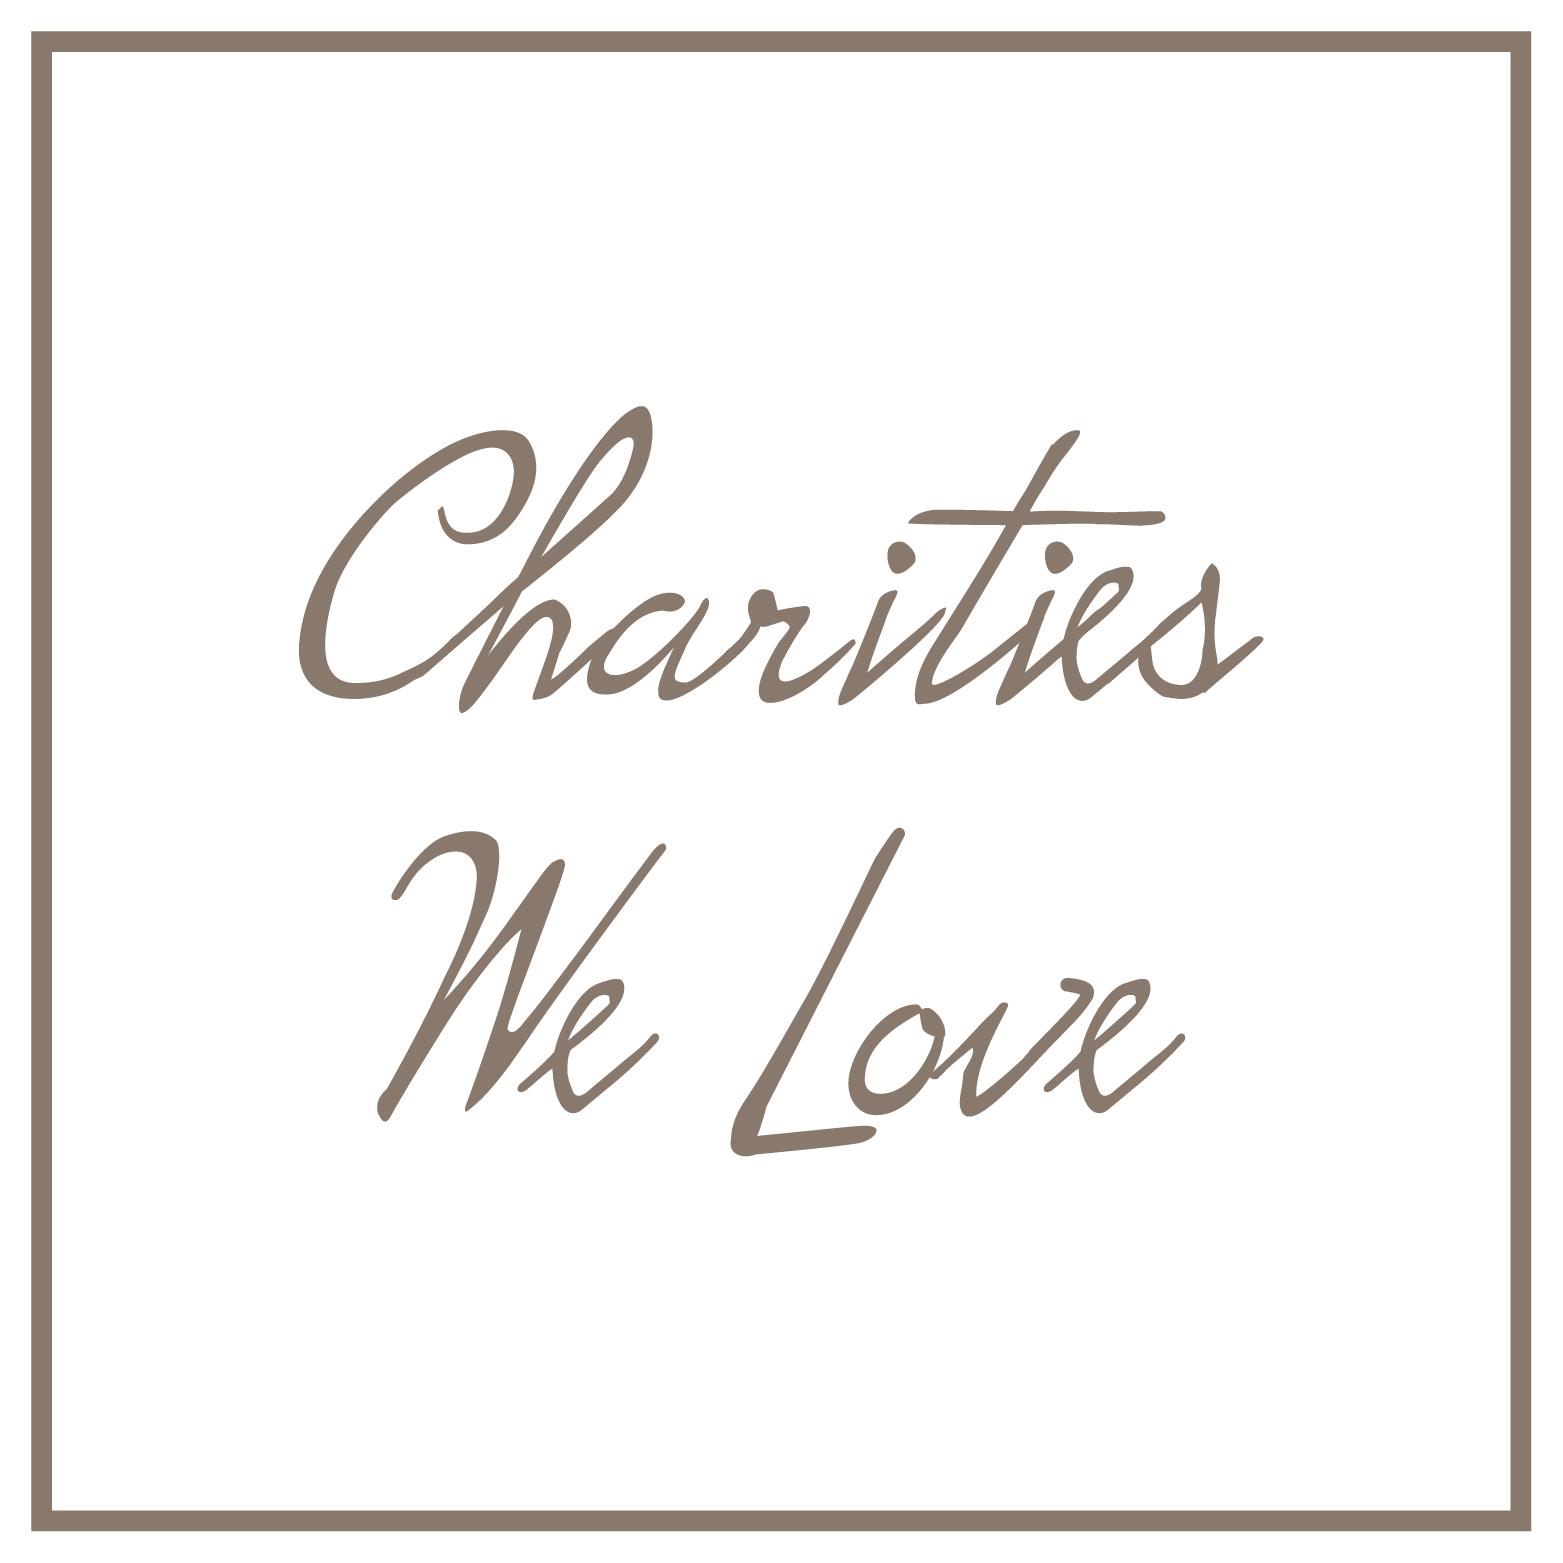 CharityRegistry-01.png